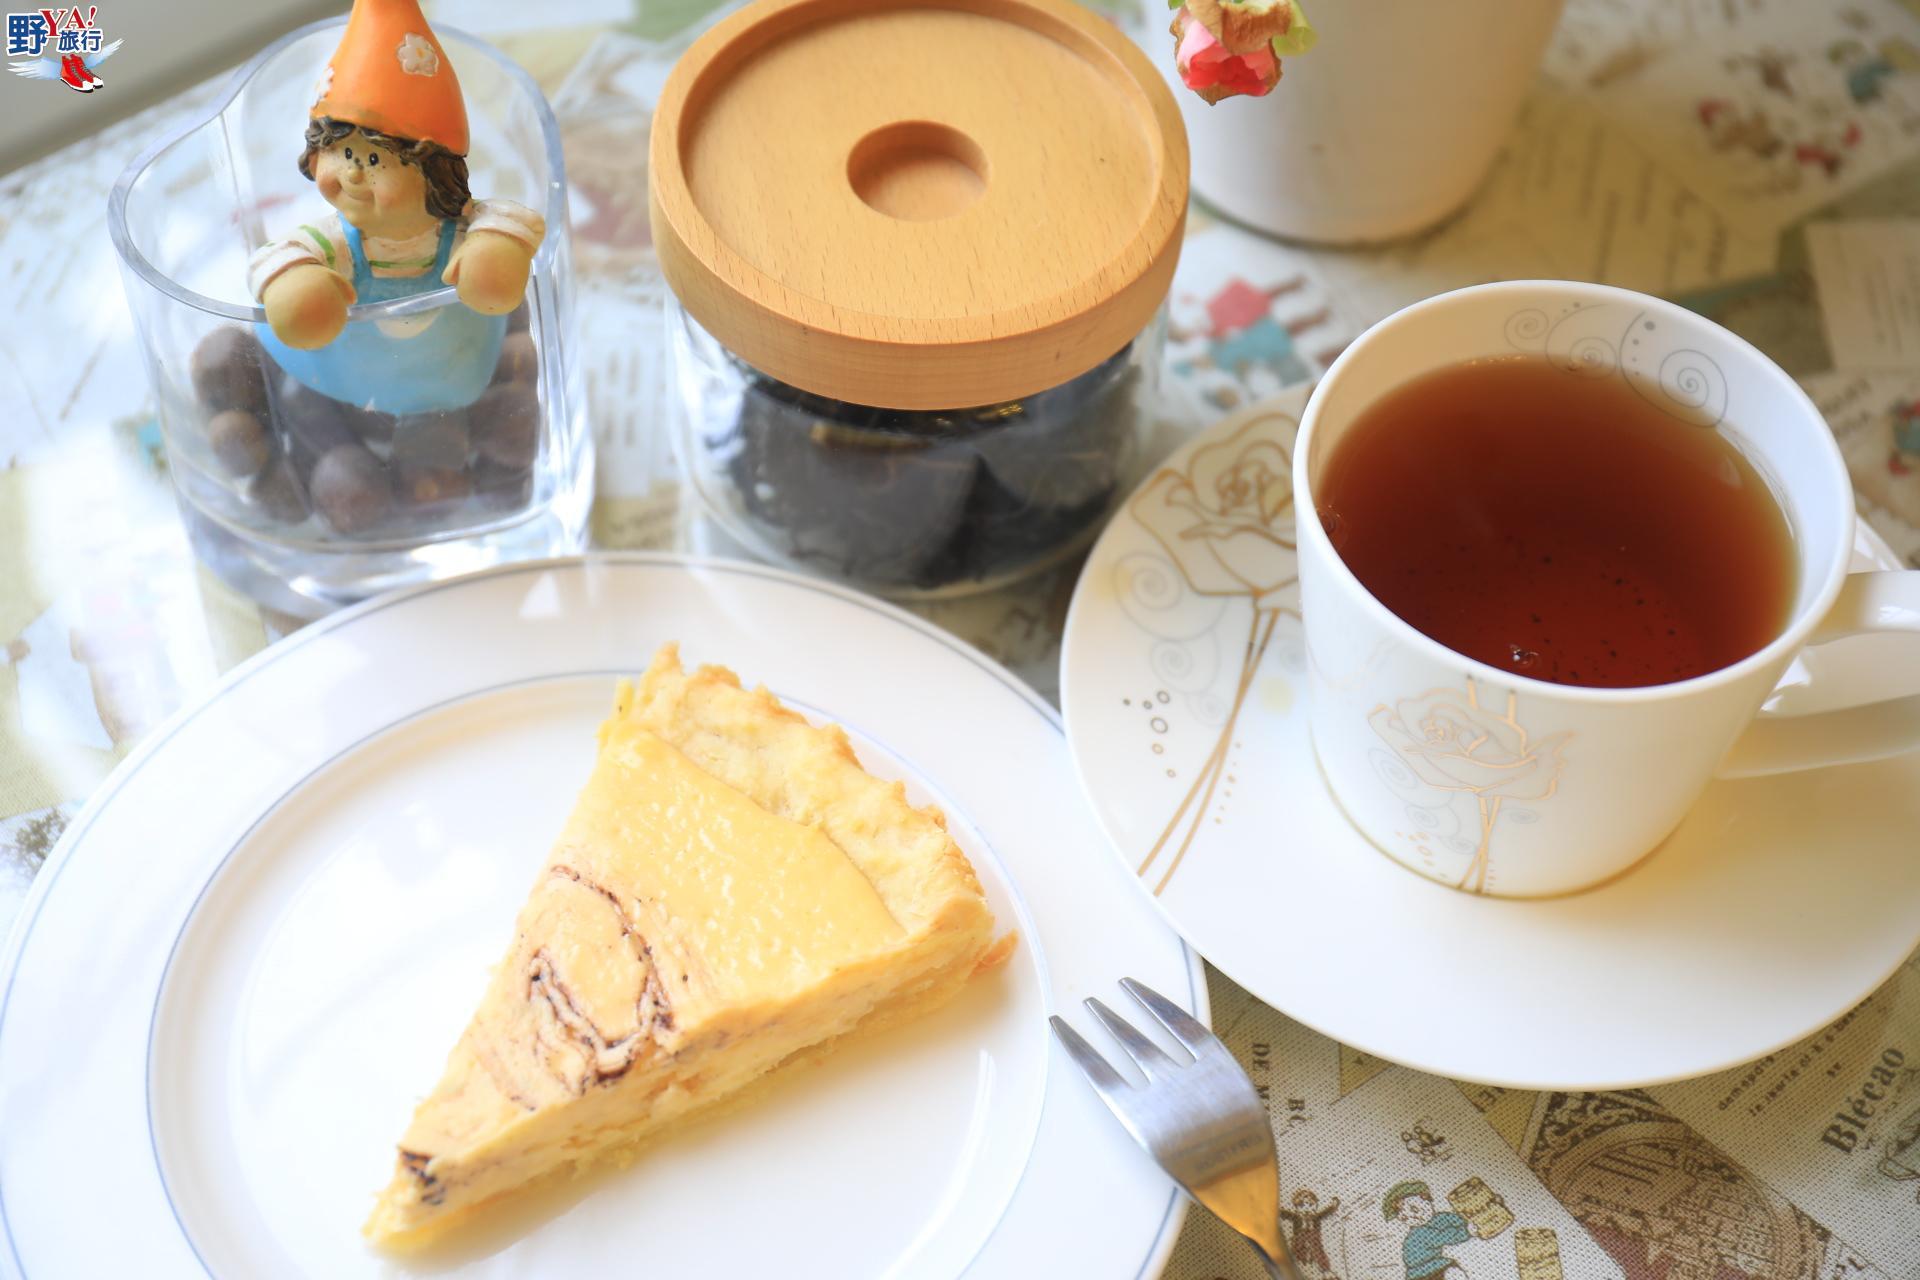 大雁澀水農村下午茶 體驗賽德克巴萊原鄉風情 @YA 野旅行-旅行不需要理由